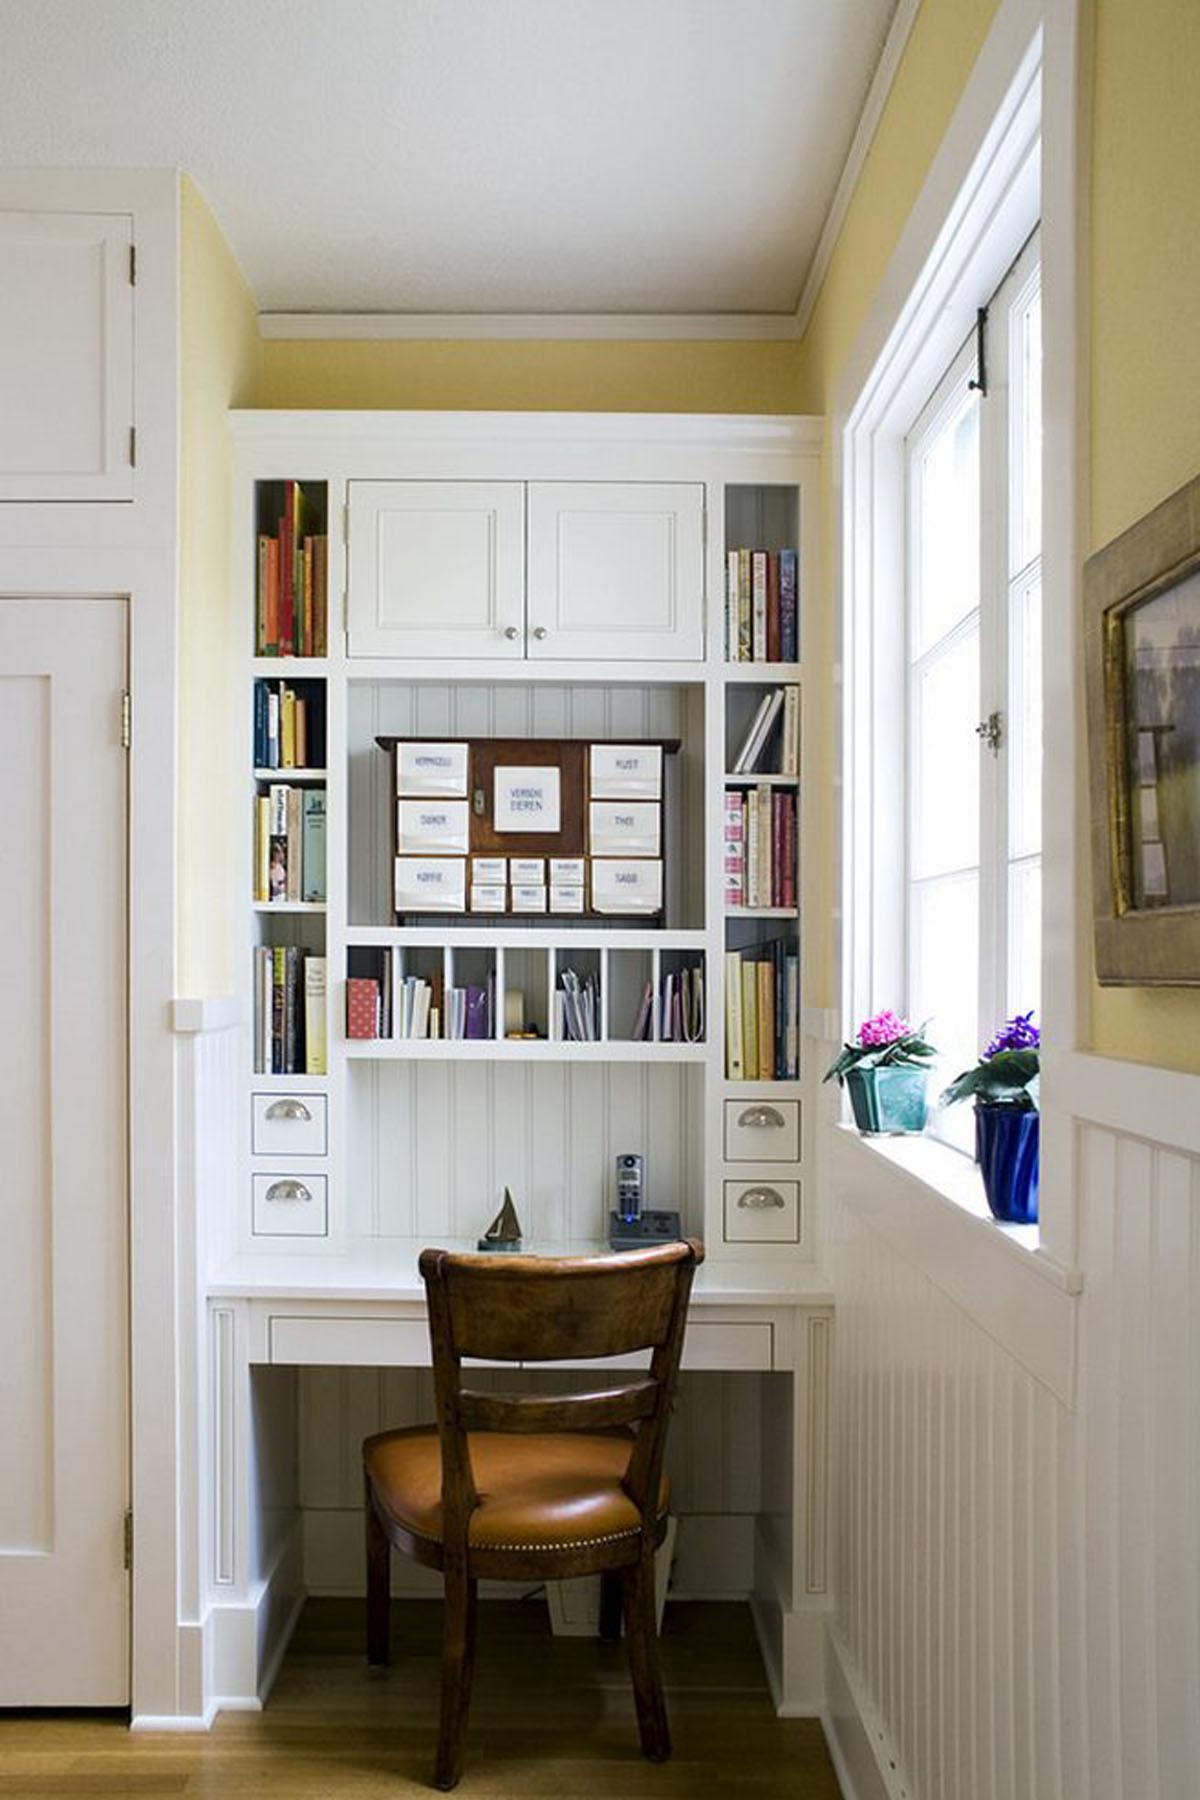 Адель-дизайн - мебель на заказ - идеи для балконов и лоджий.